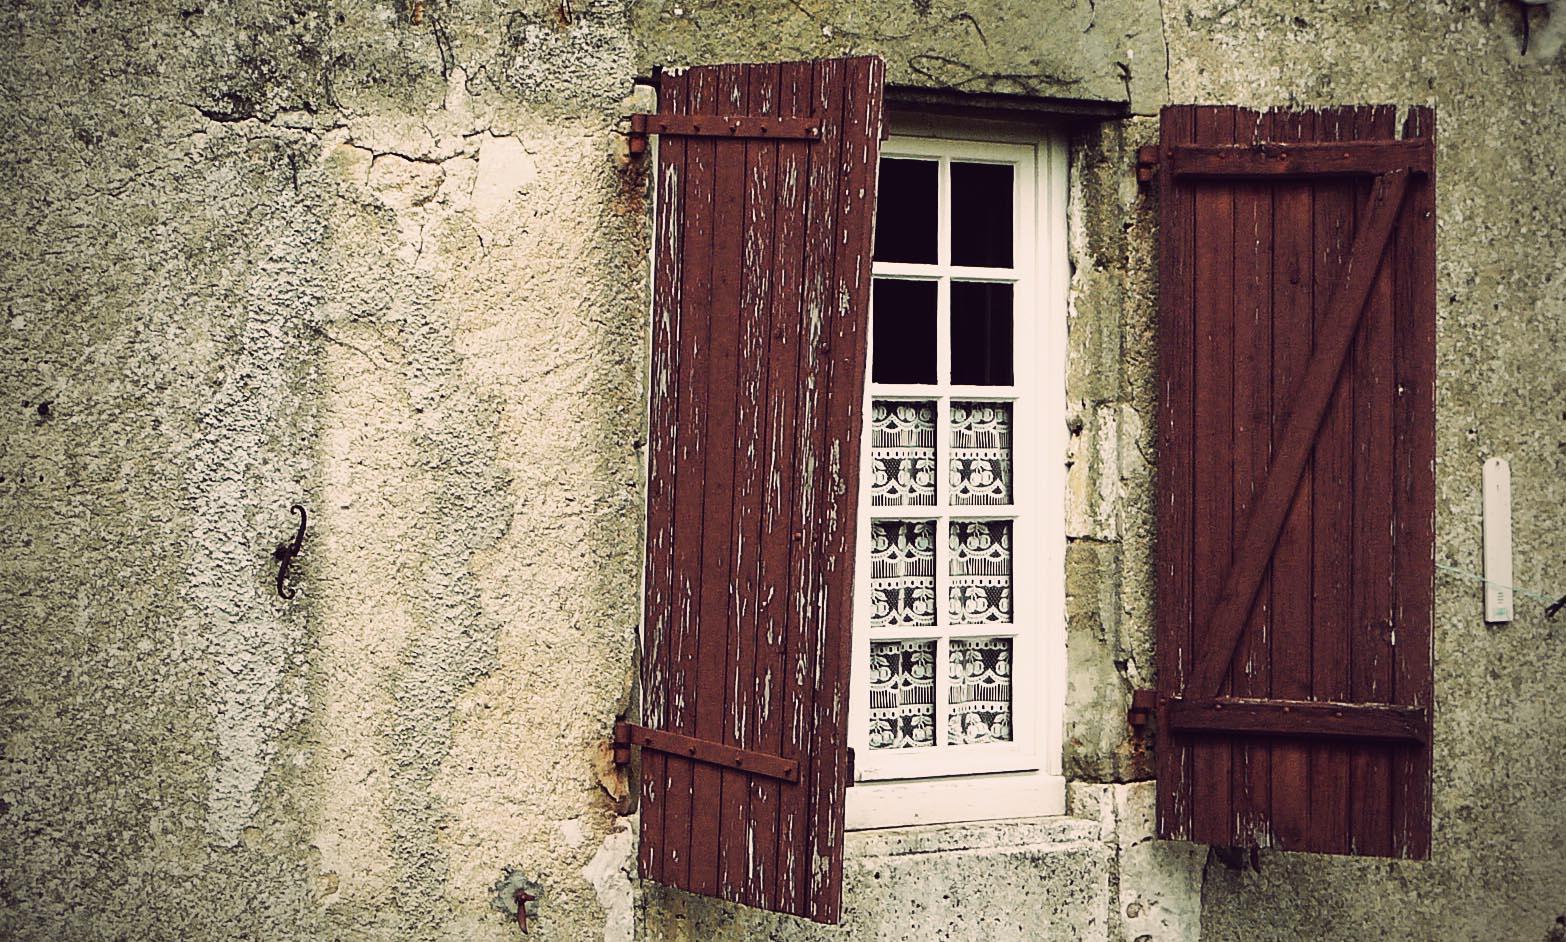 Jornada de ventanas abiertas.